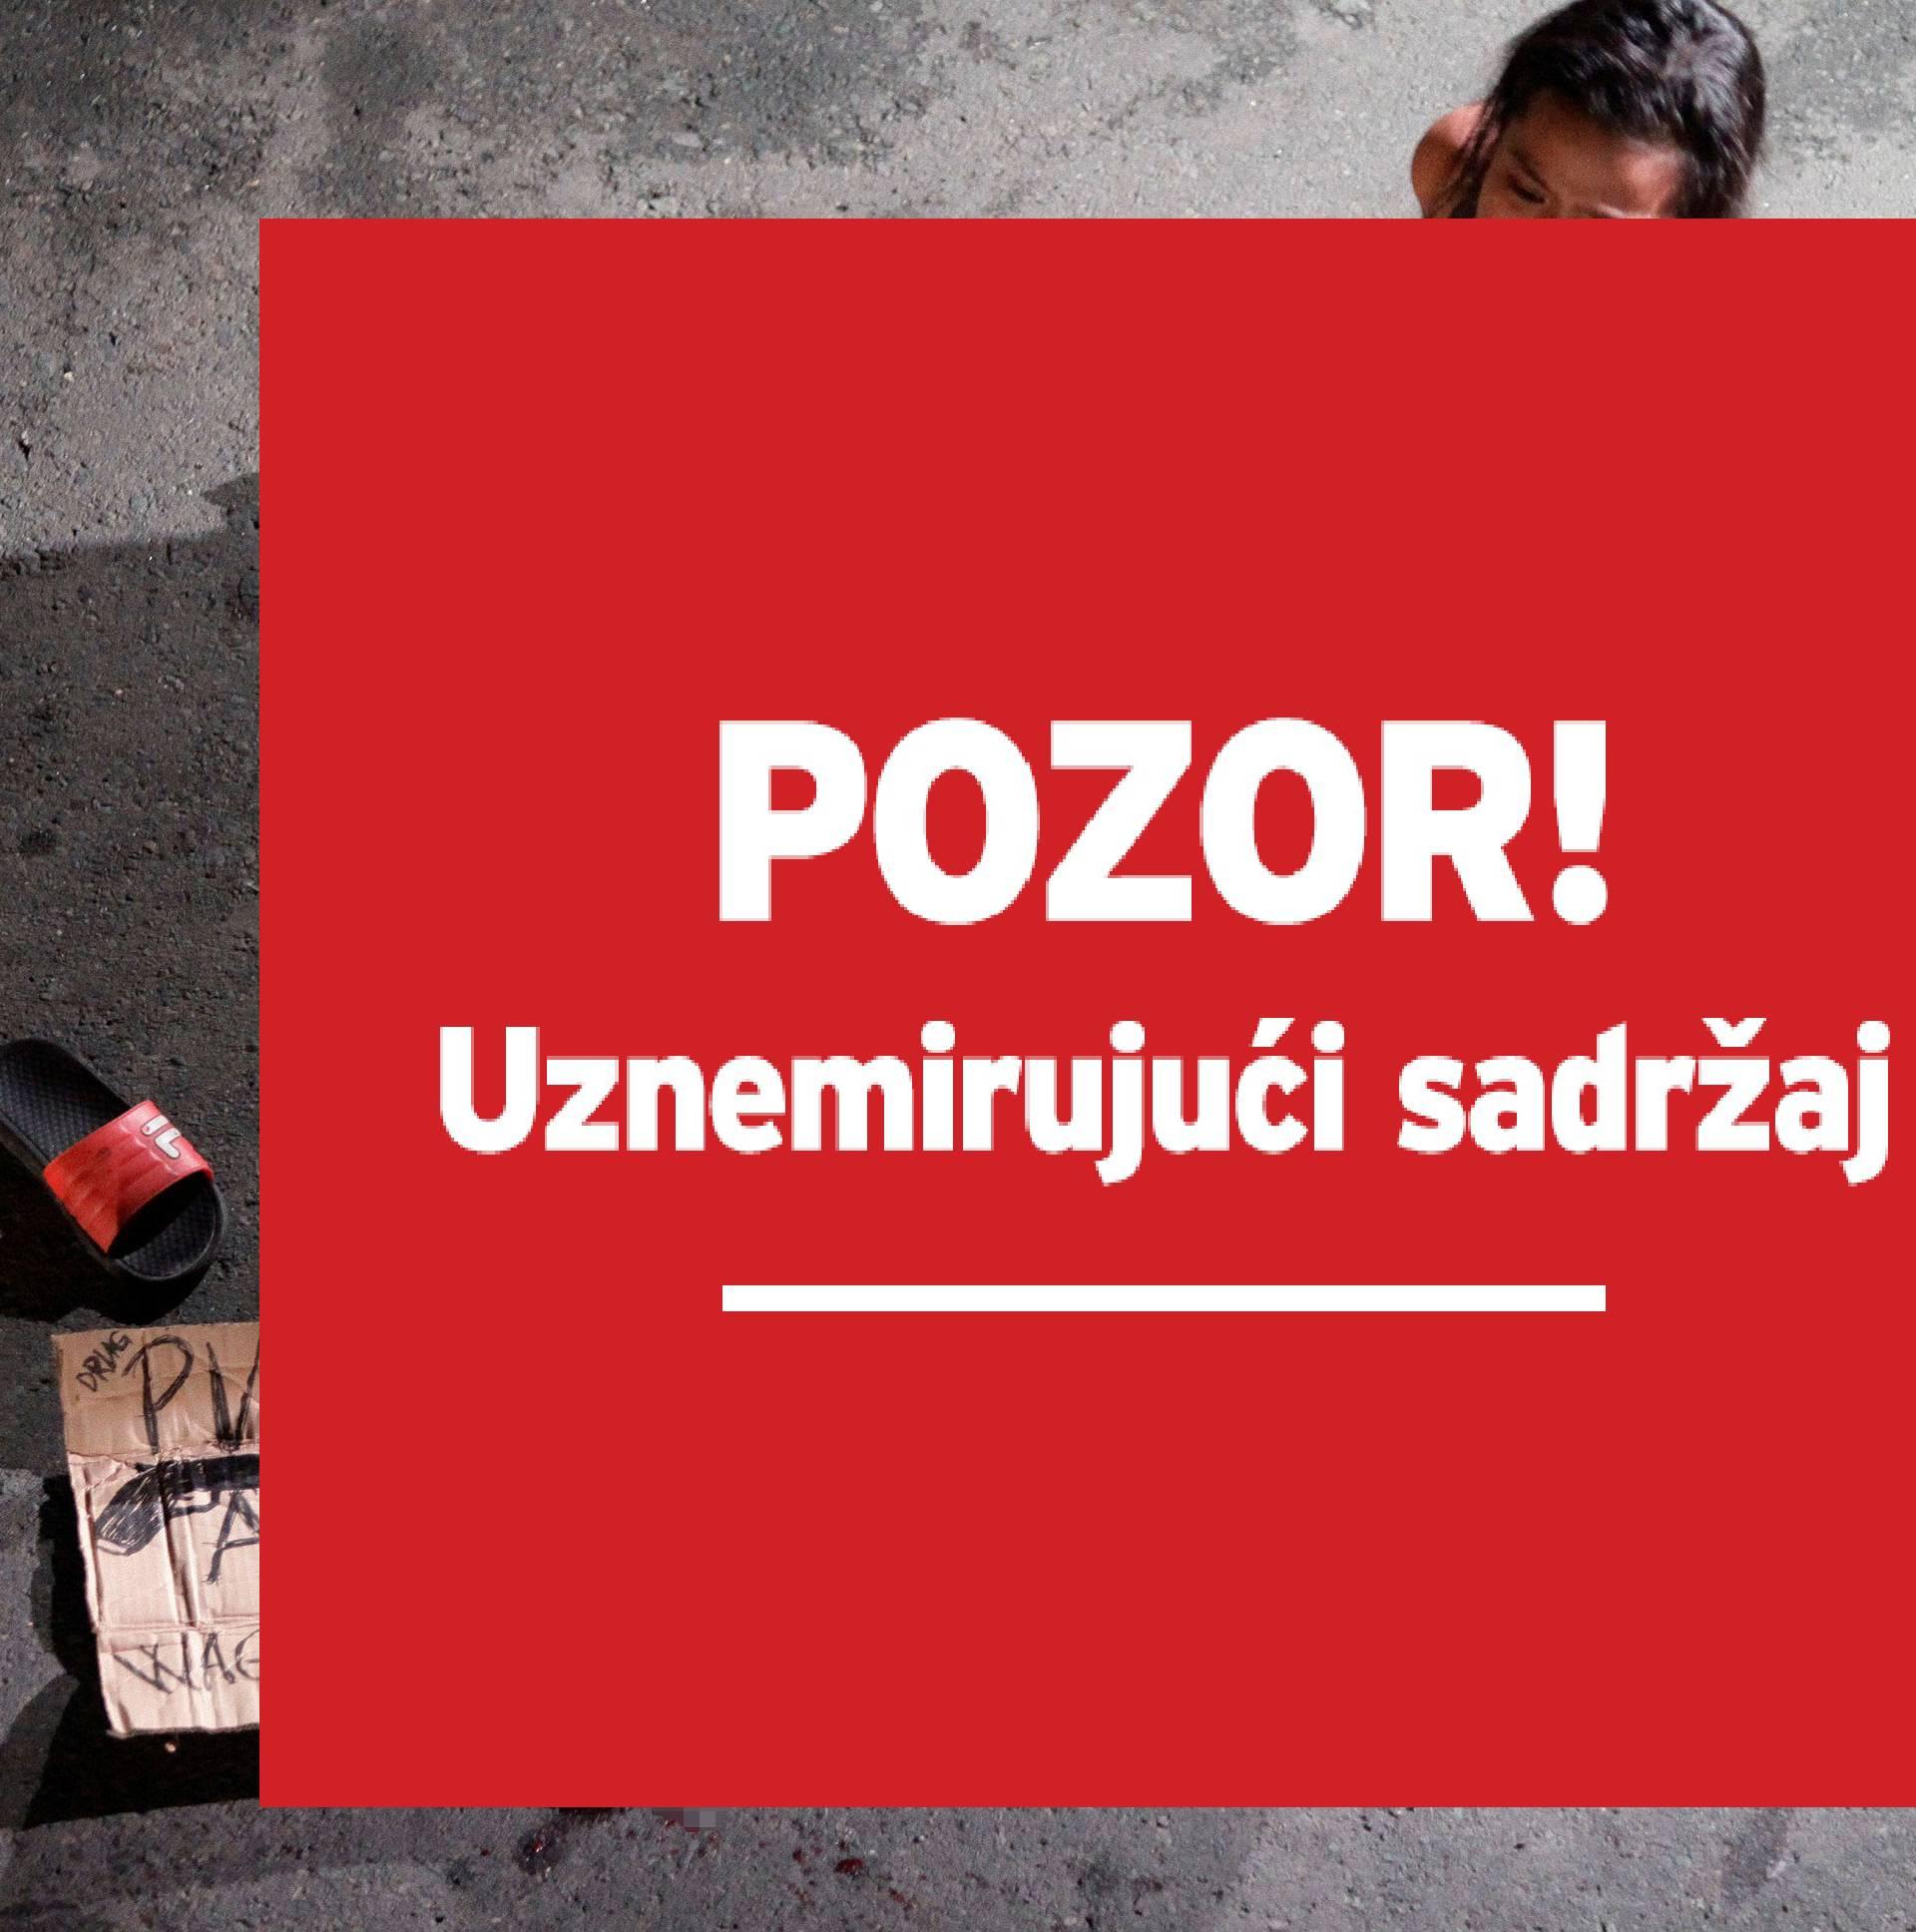 Građani postali legalni ubojice: 300 mrtvih na krvavim ulicama